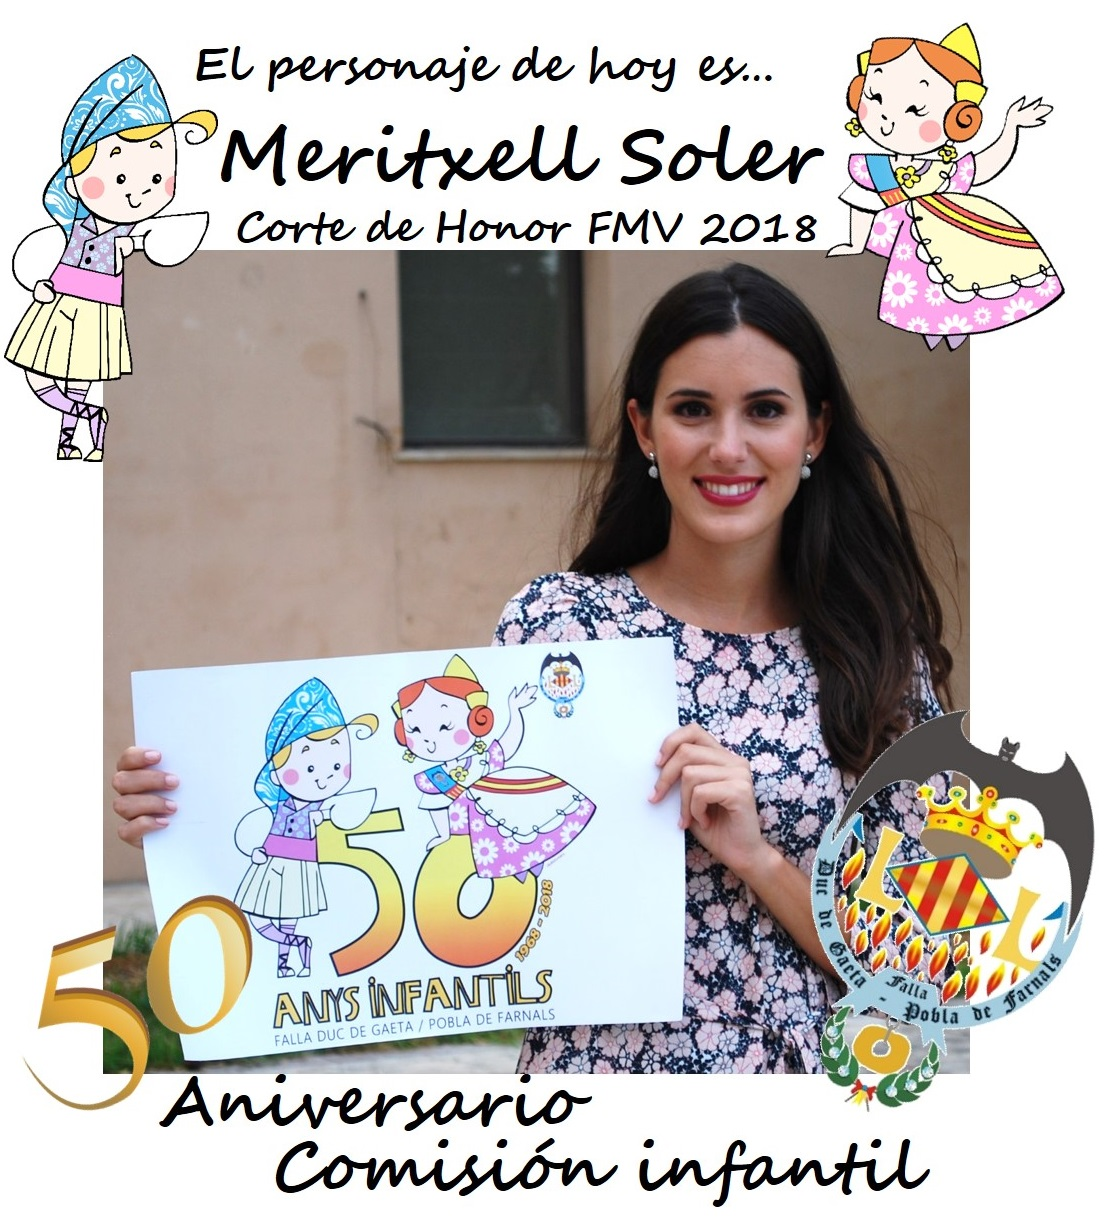 Personaje del día: Meritxell Soler